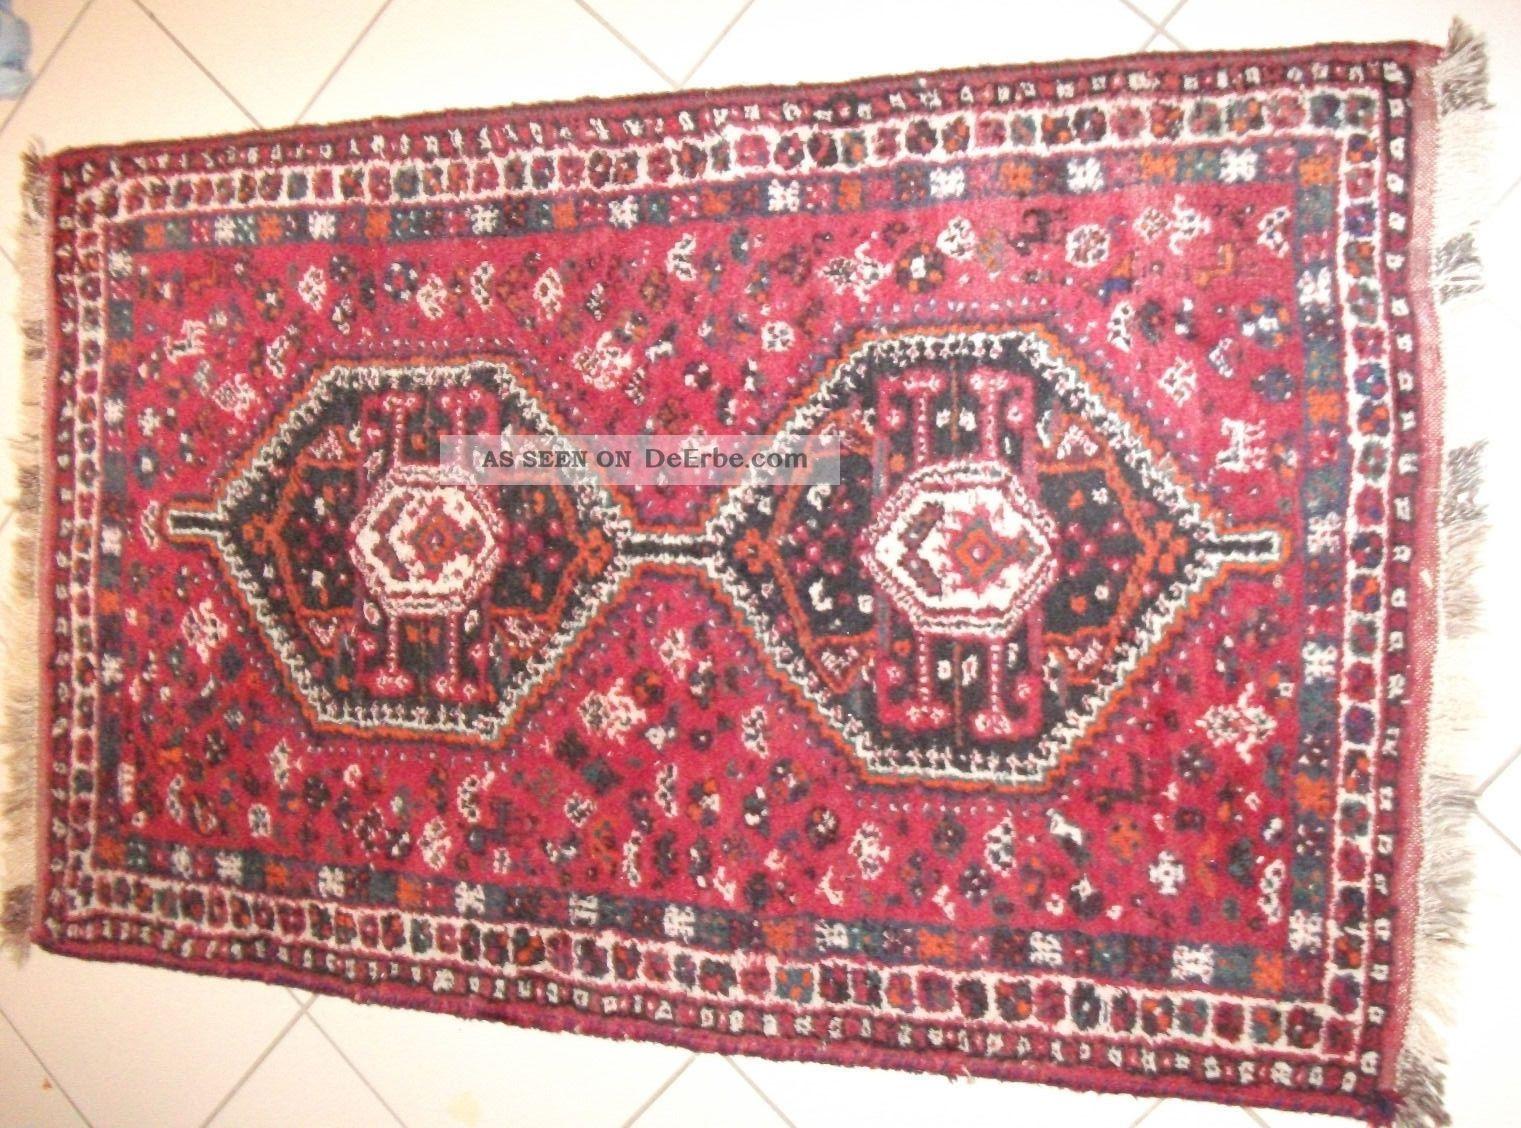 Orient Teppich, Handgeknüpft Ca138x86, Ca 50000knoten Pro Qm